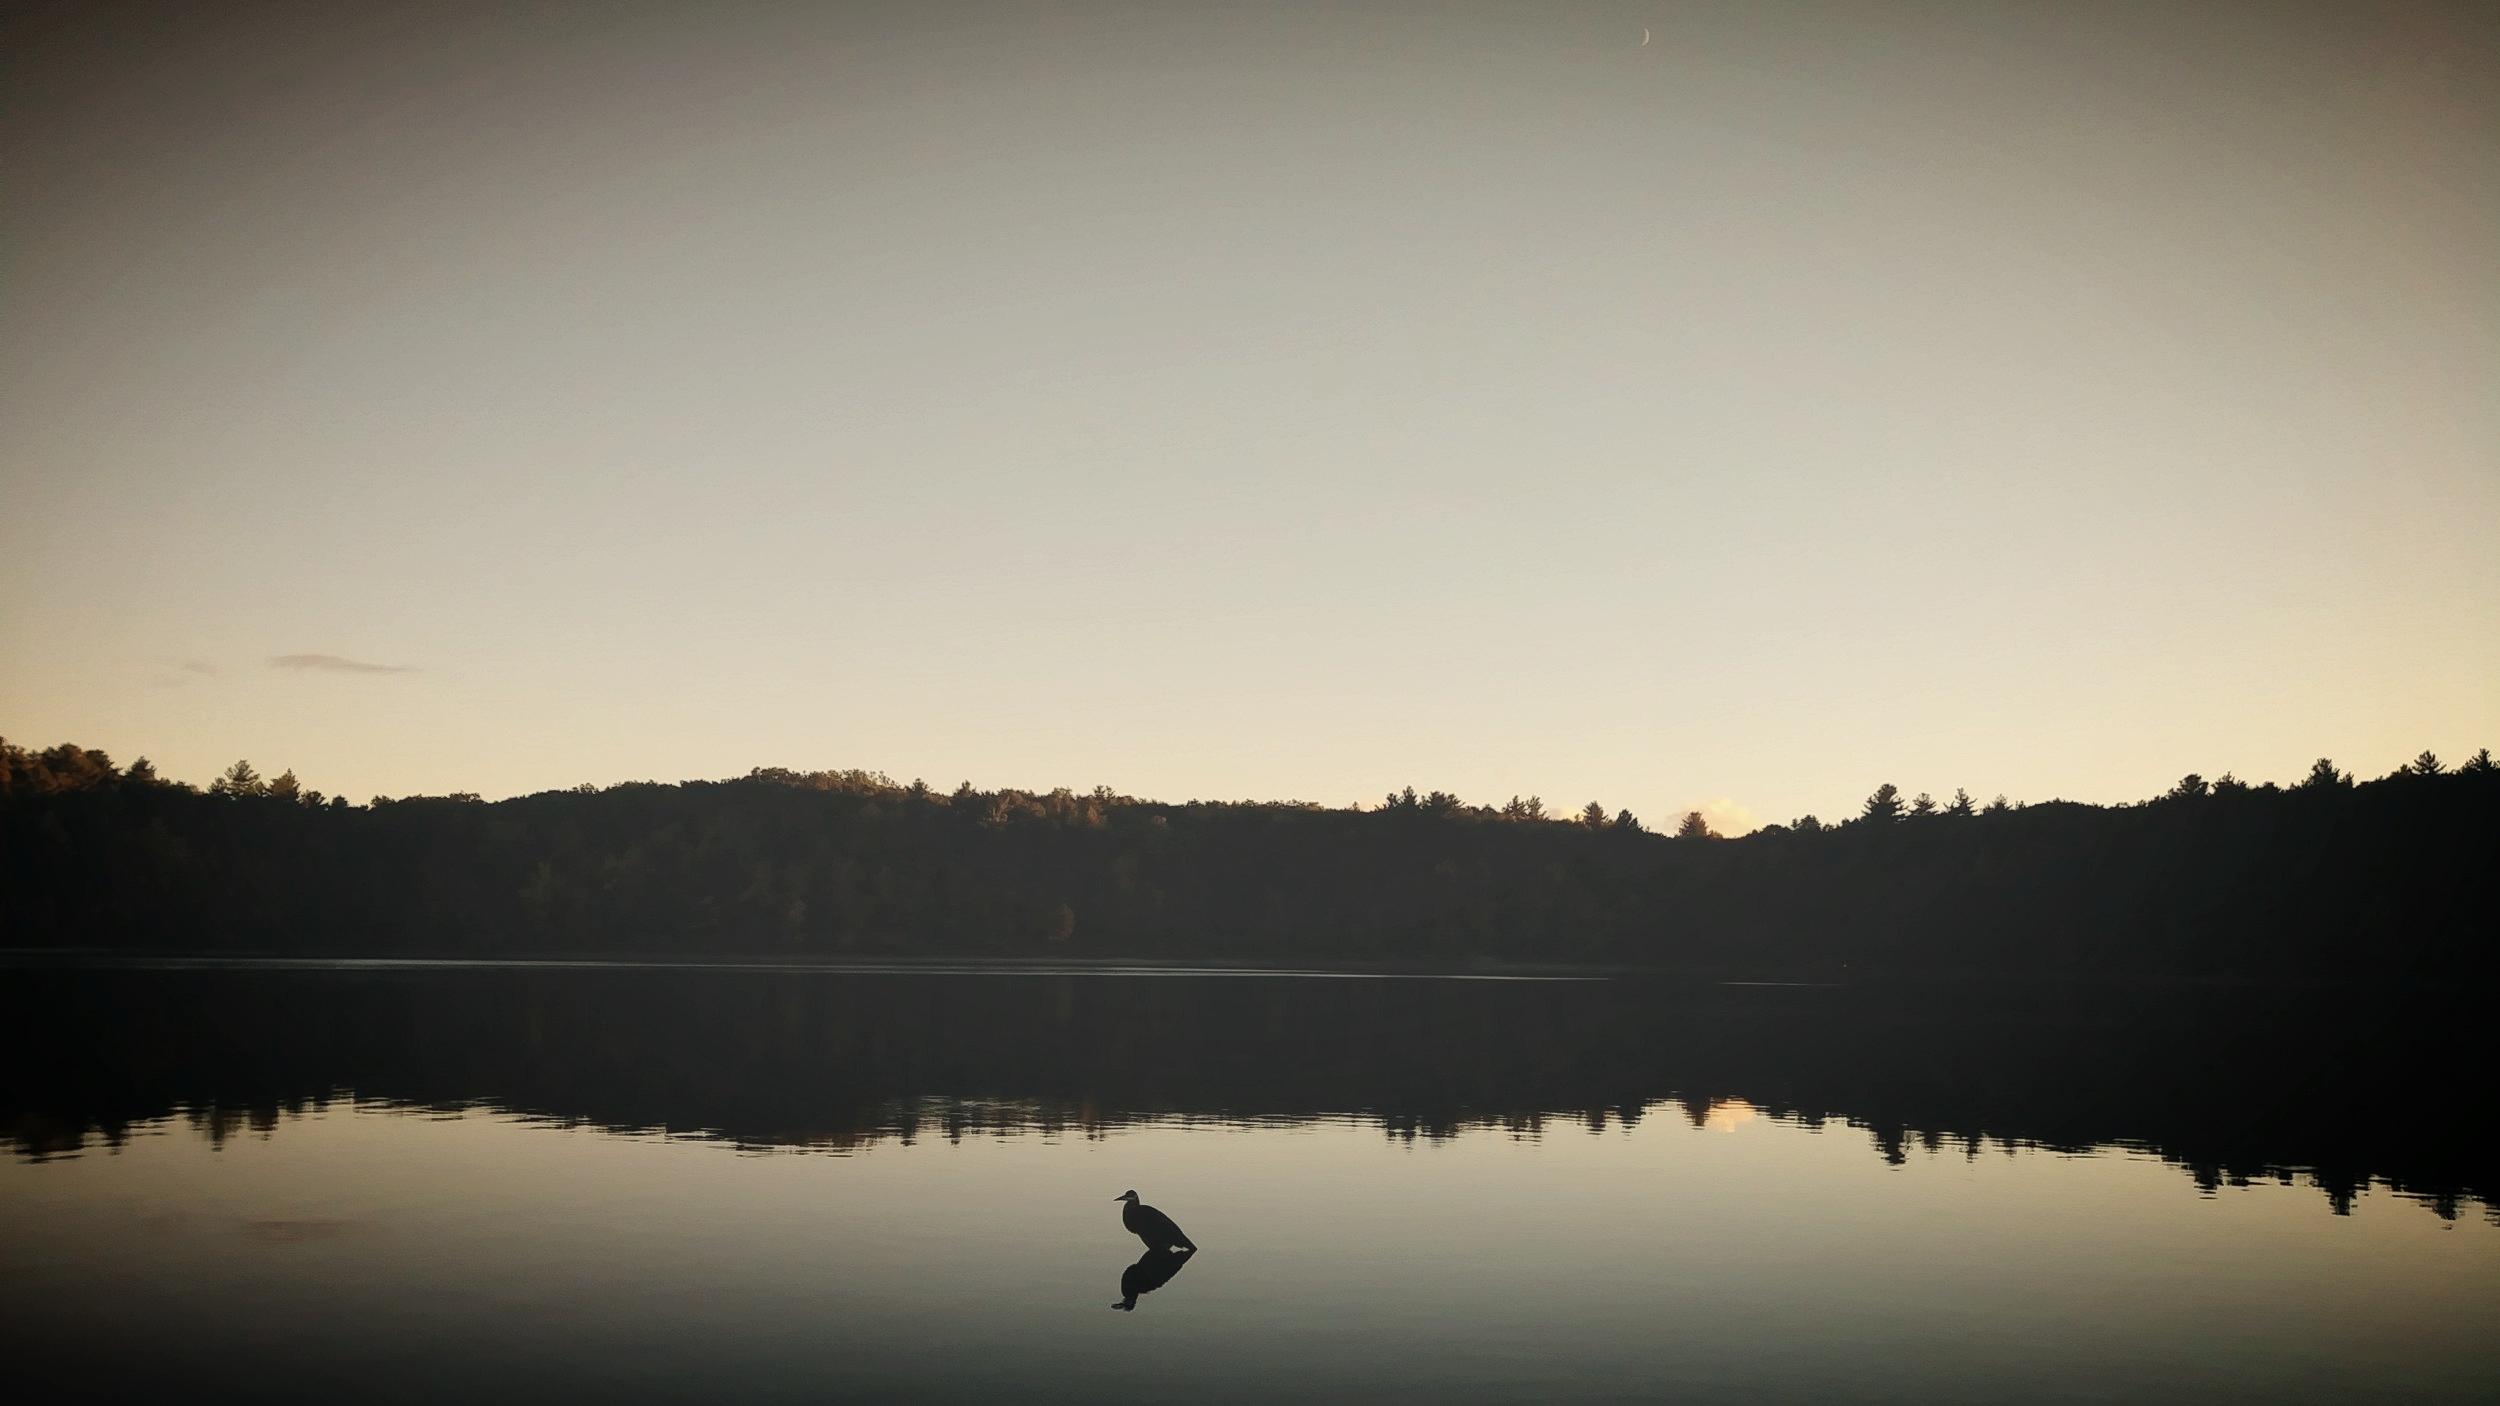 Evening on Walden Pond